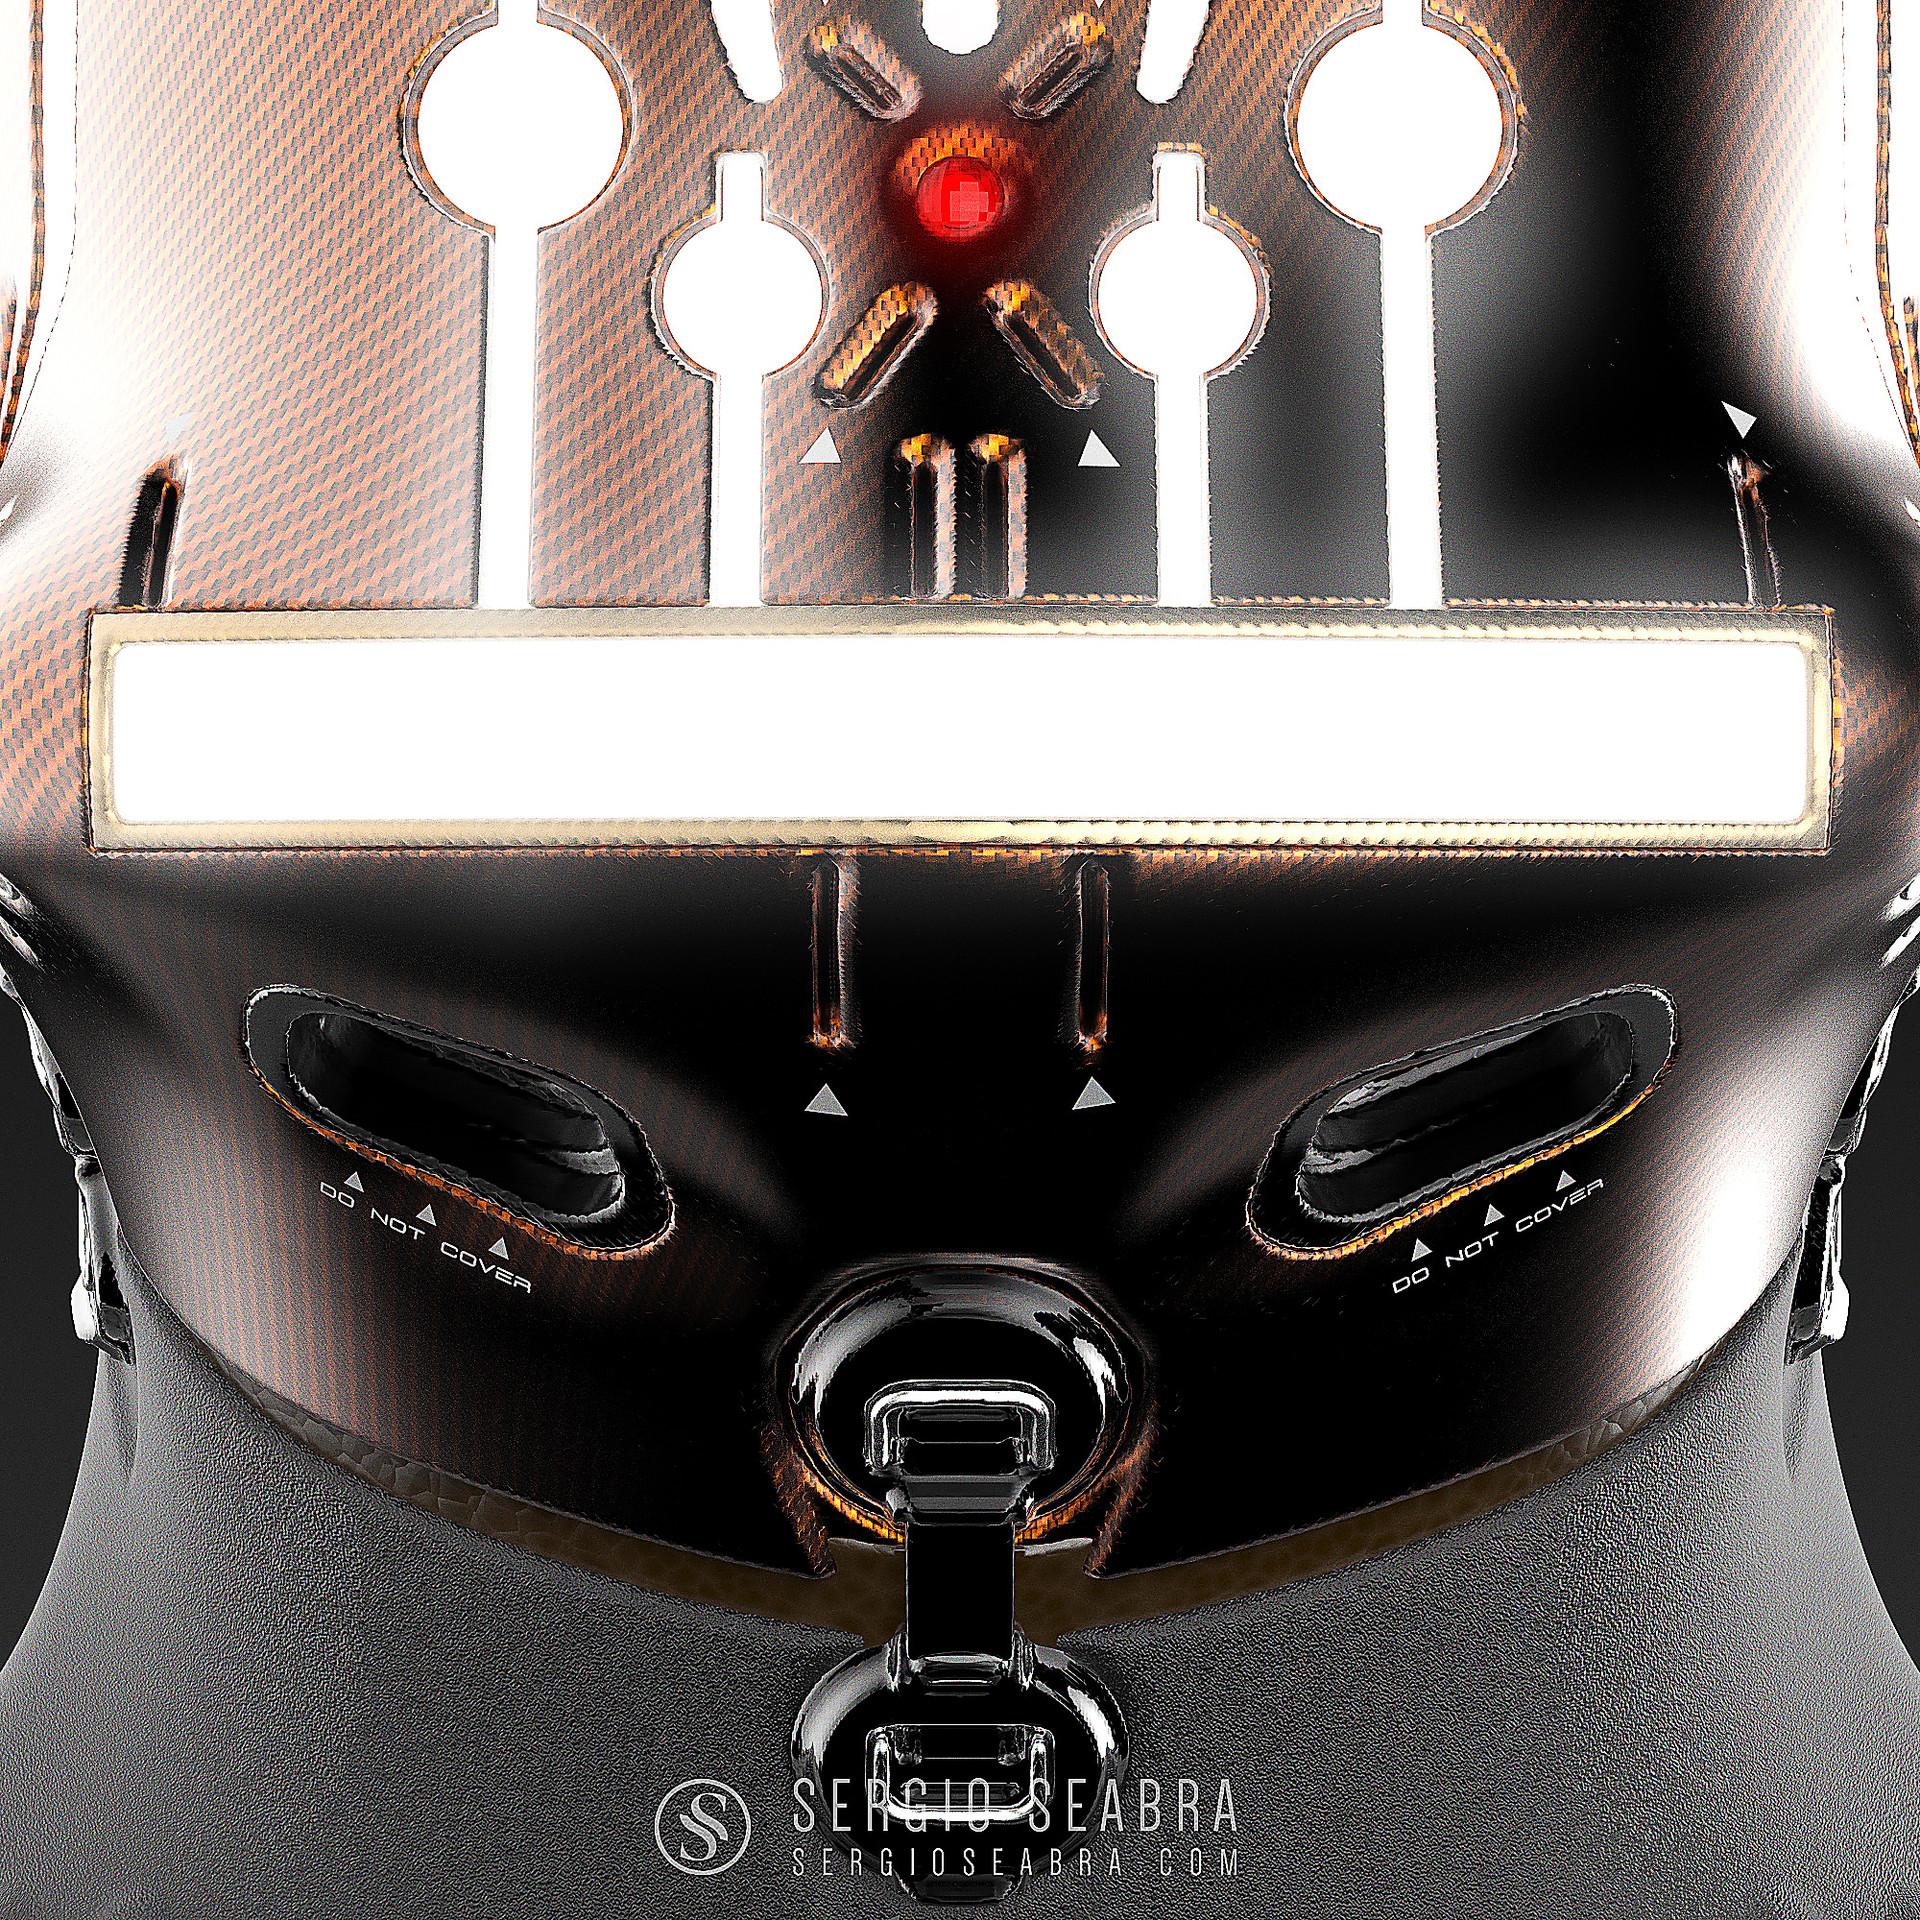 Sergio seabra 20170718 helmet2 layouts5